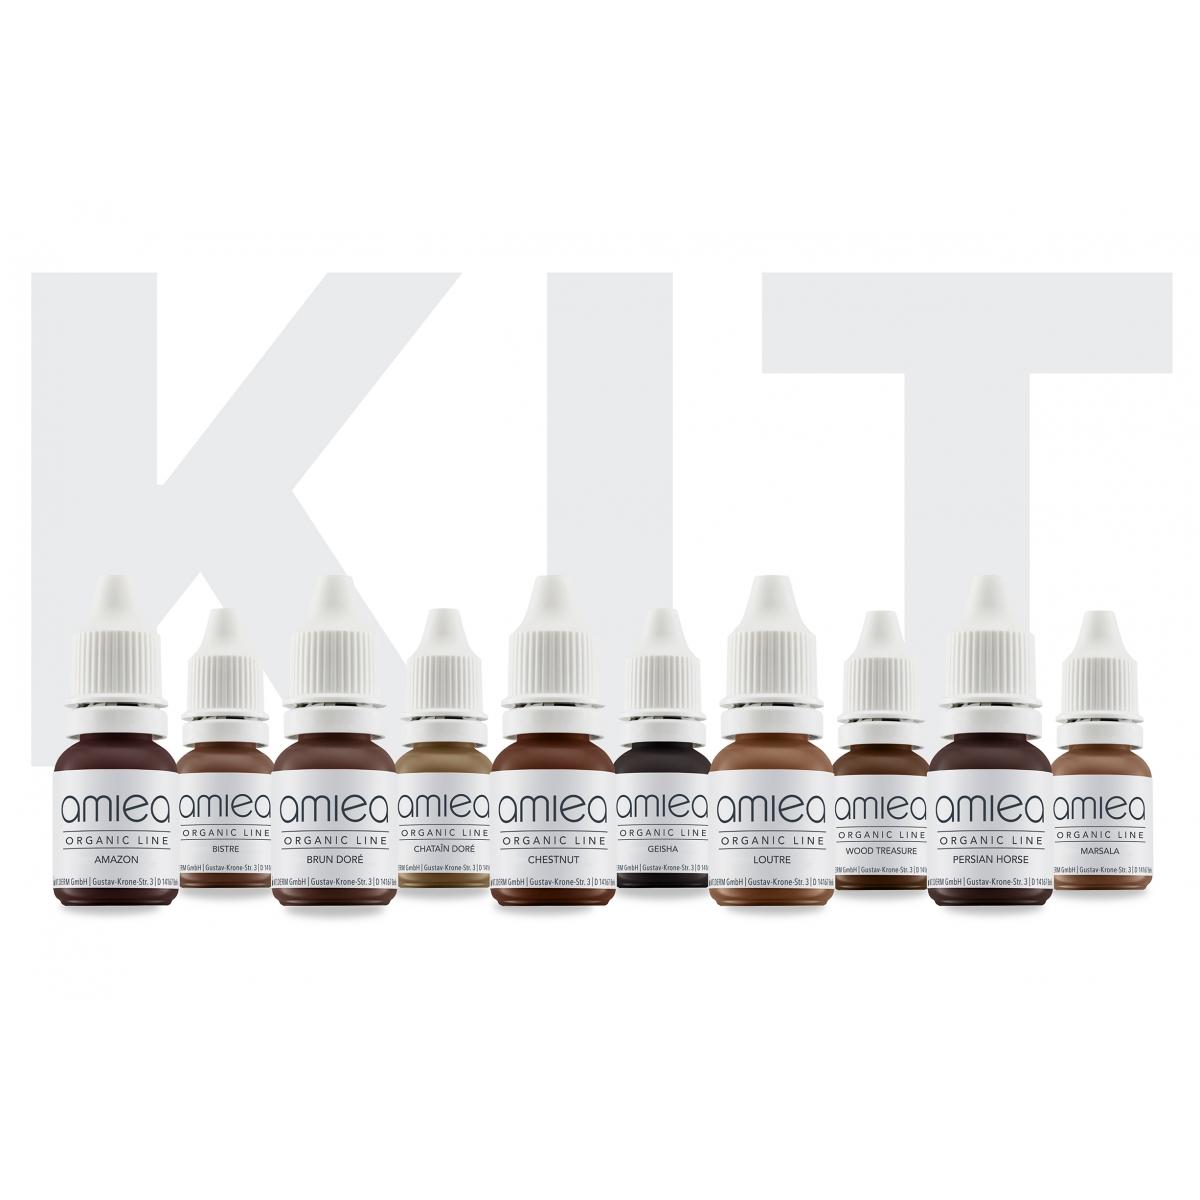 Kits Pigments - KIT ESSENTIELS ORGANICLINE - SOURCILS 5 ml (AMIEA)